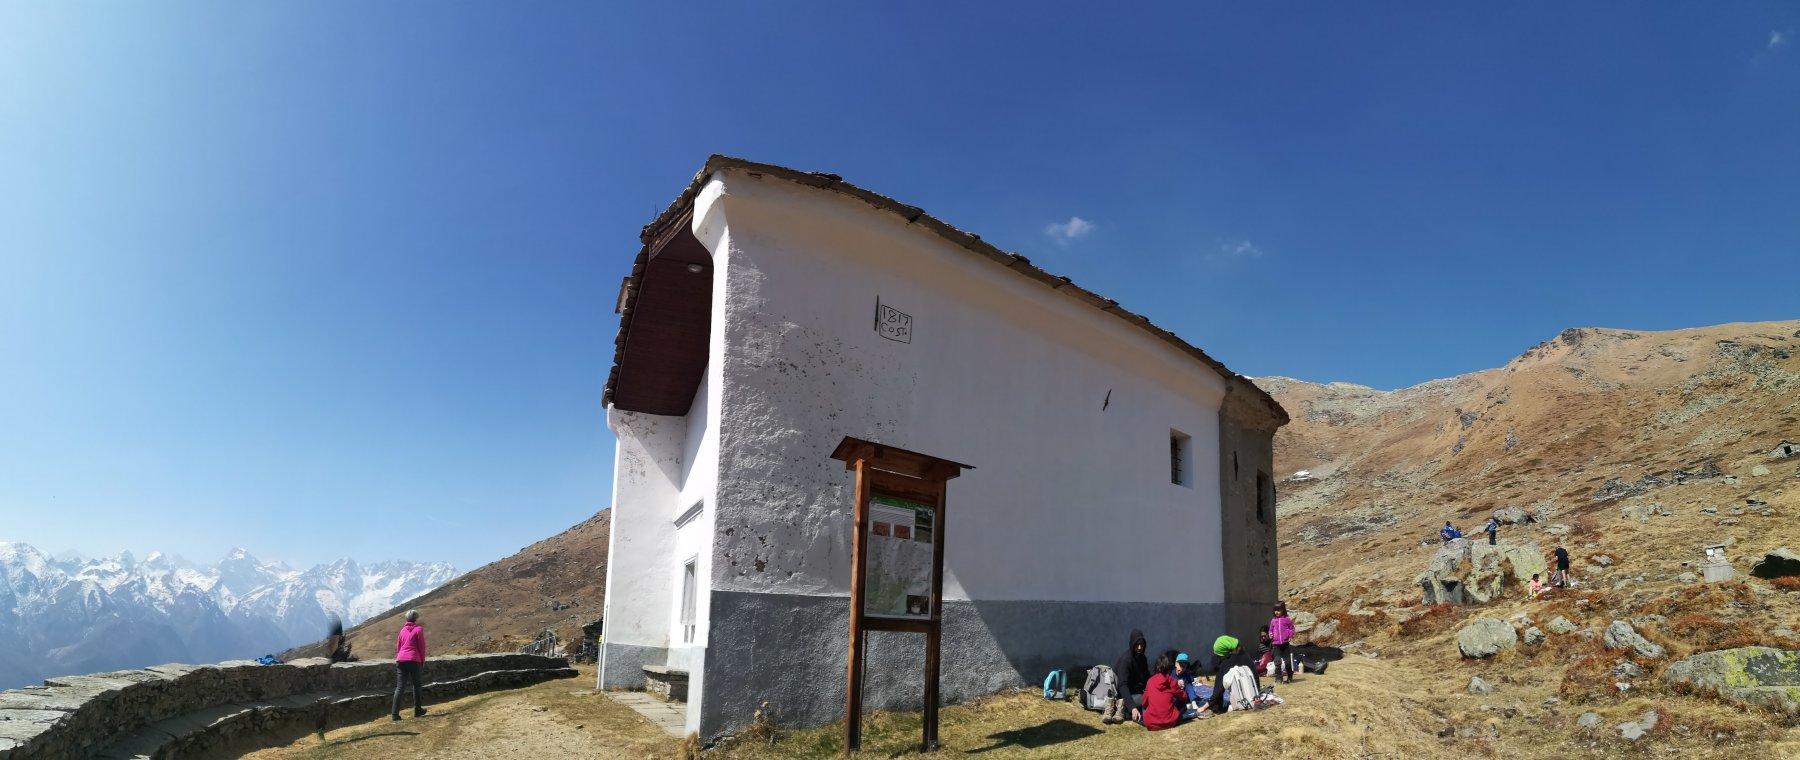 chiesetta e panorama